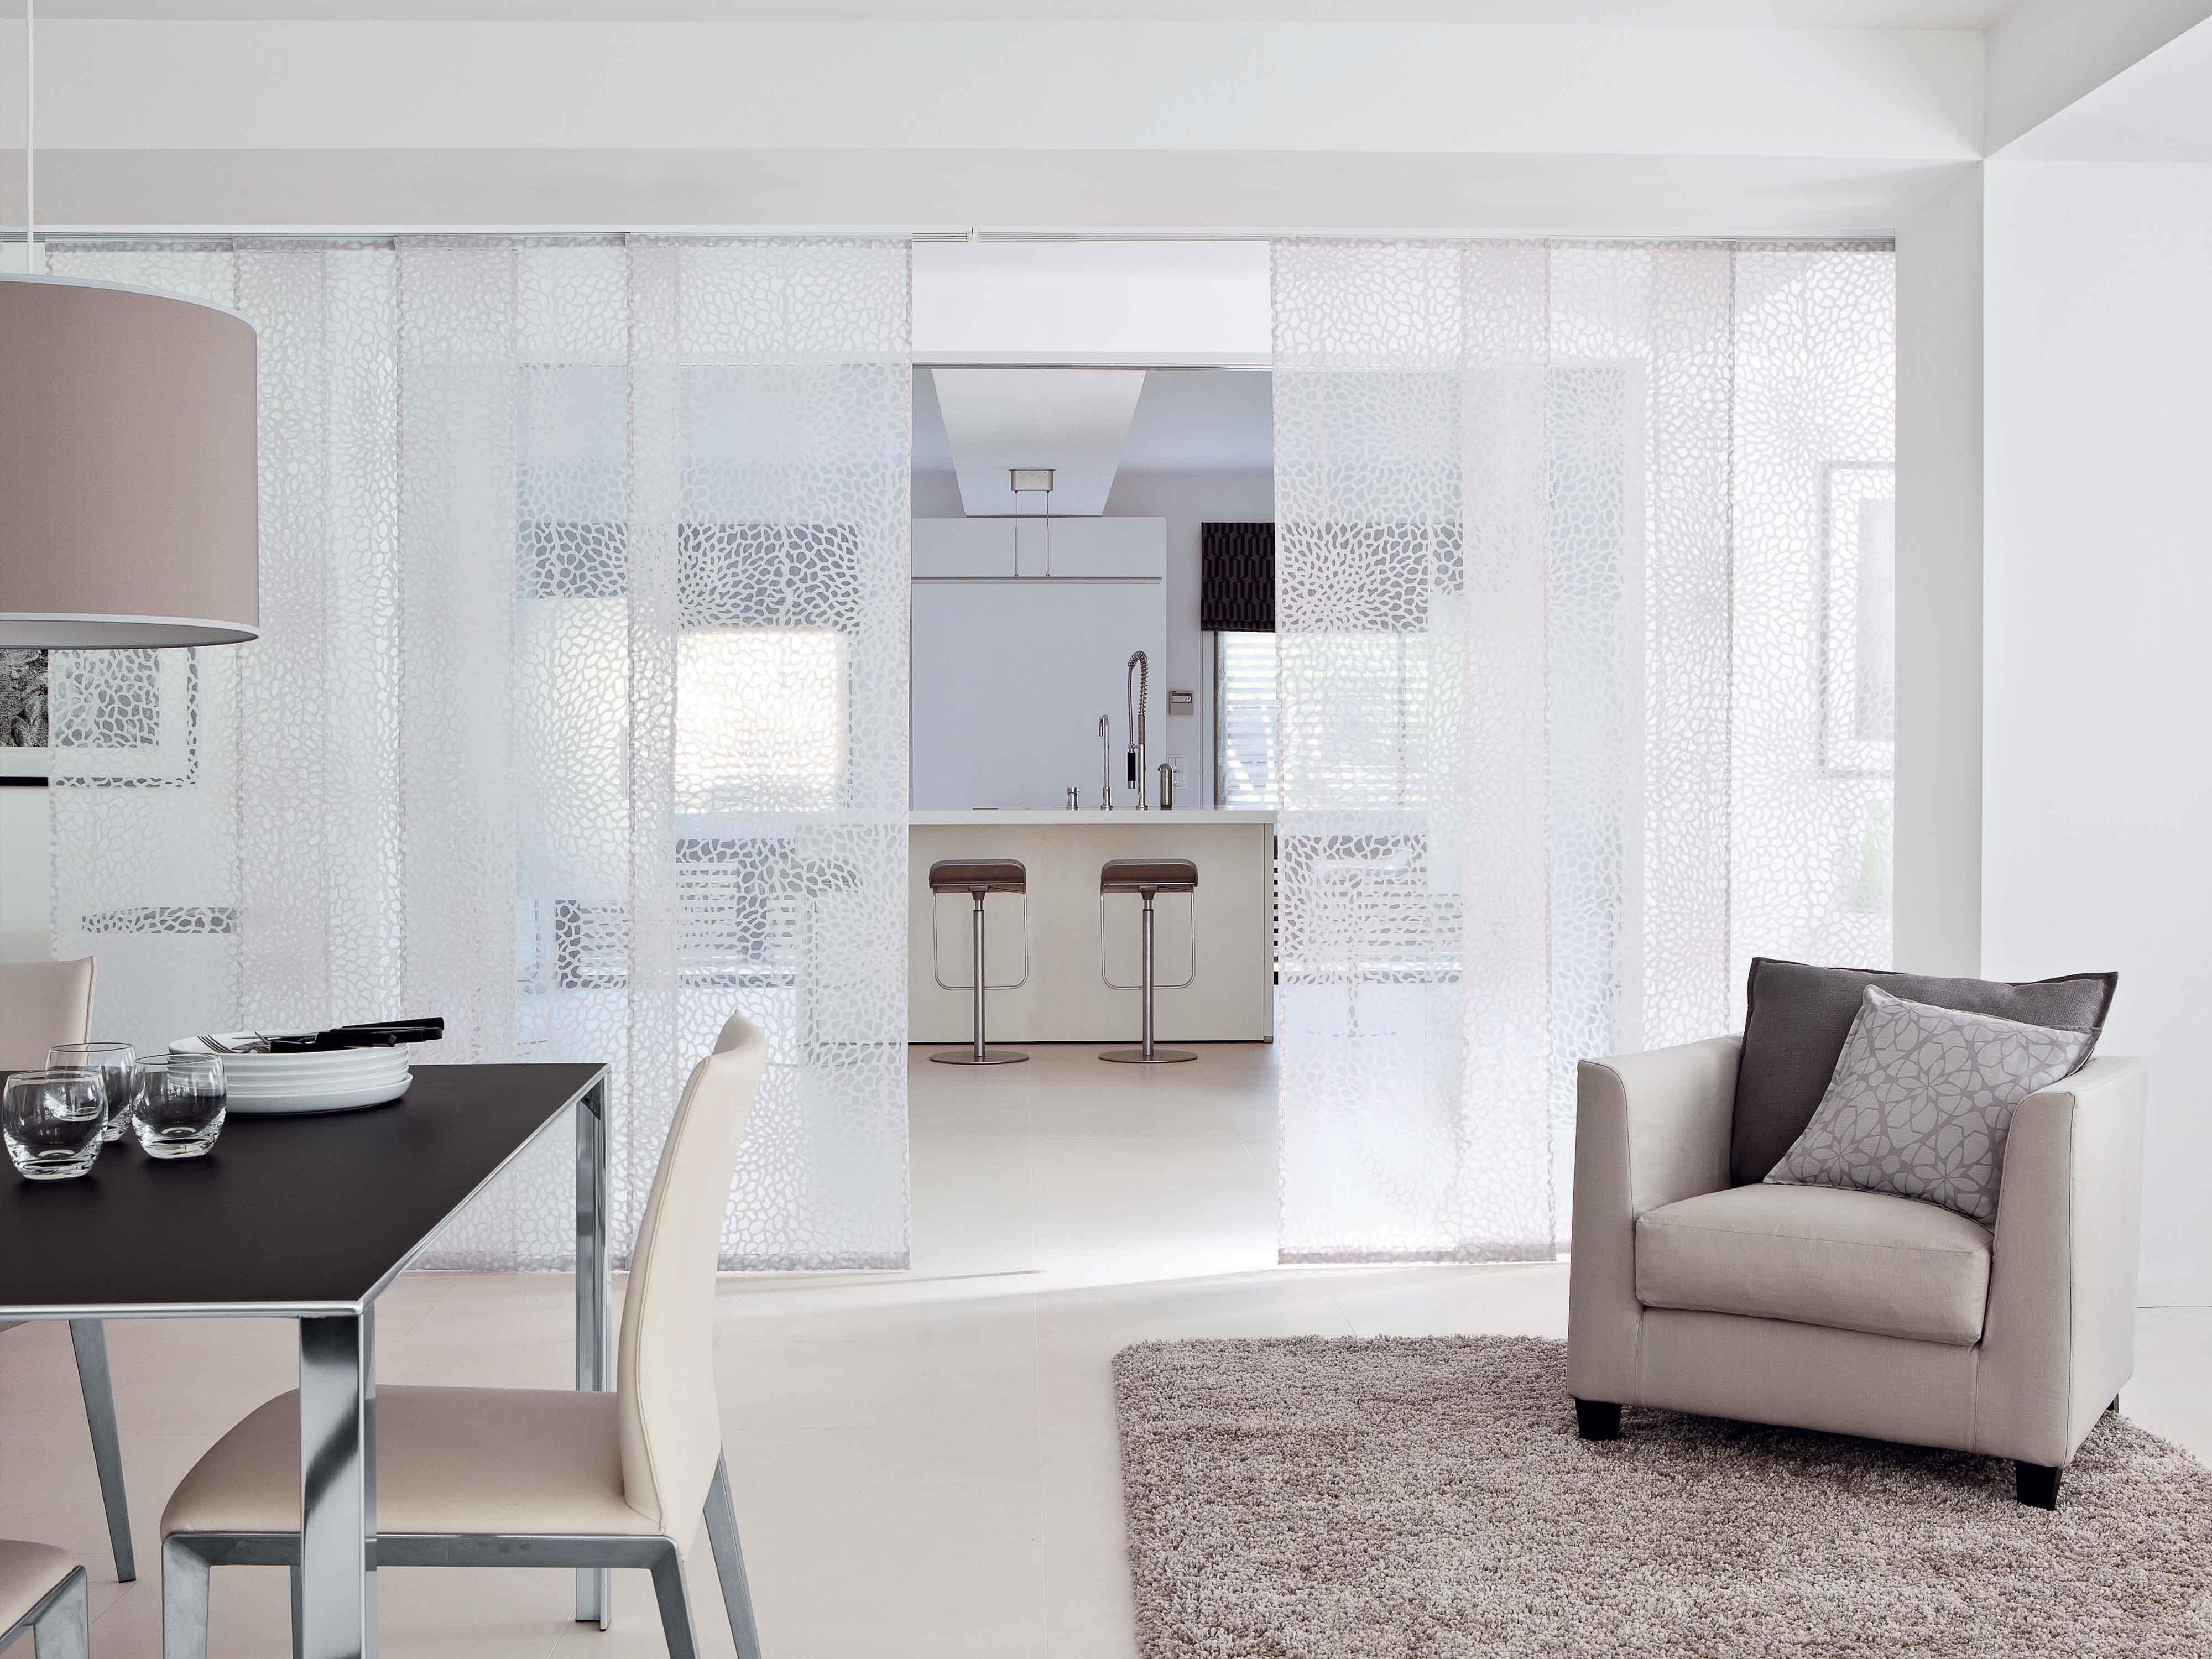 astuces d limiter une pi ce avec des panneaux japonais elle d coration. Black Bedroom Furniture Sets. Home Design Ideas